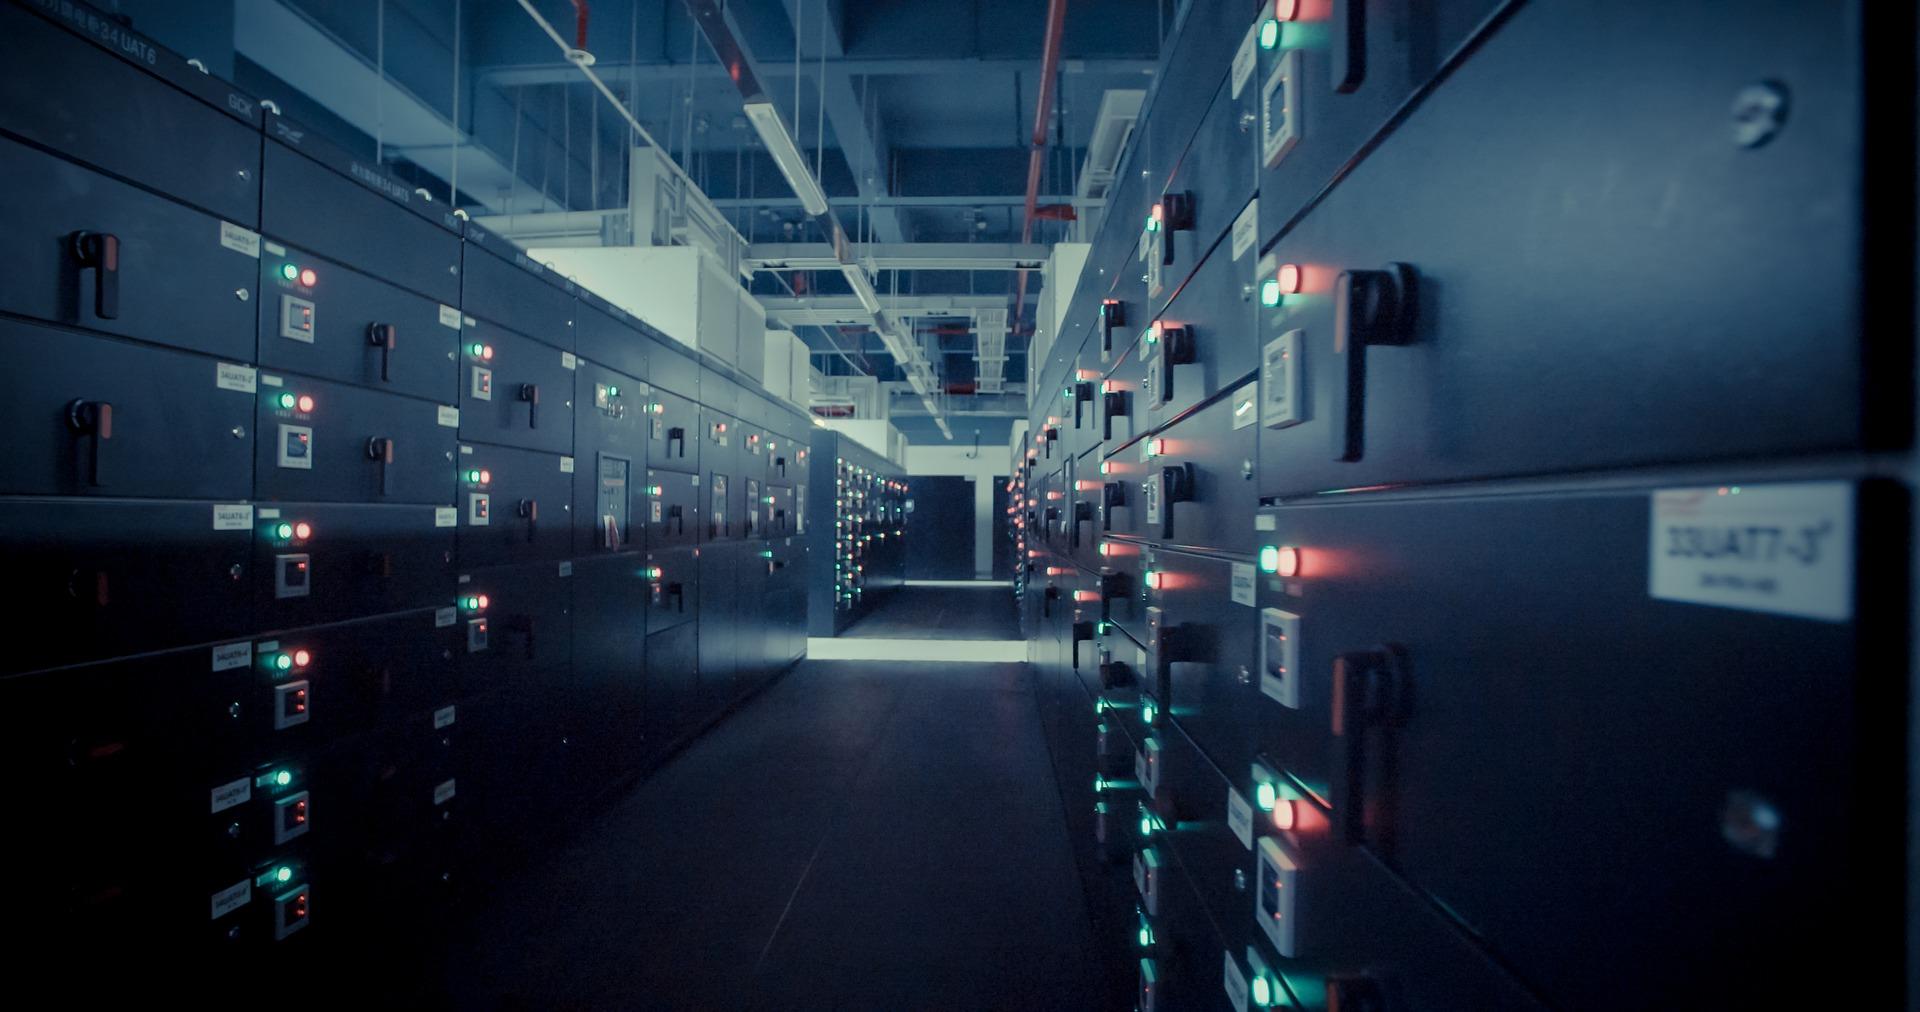 Hydro-Québec : des savoir-faire industriels pour un data center de pointe